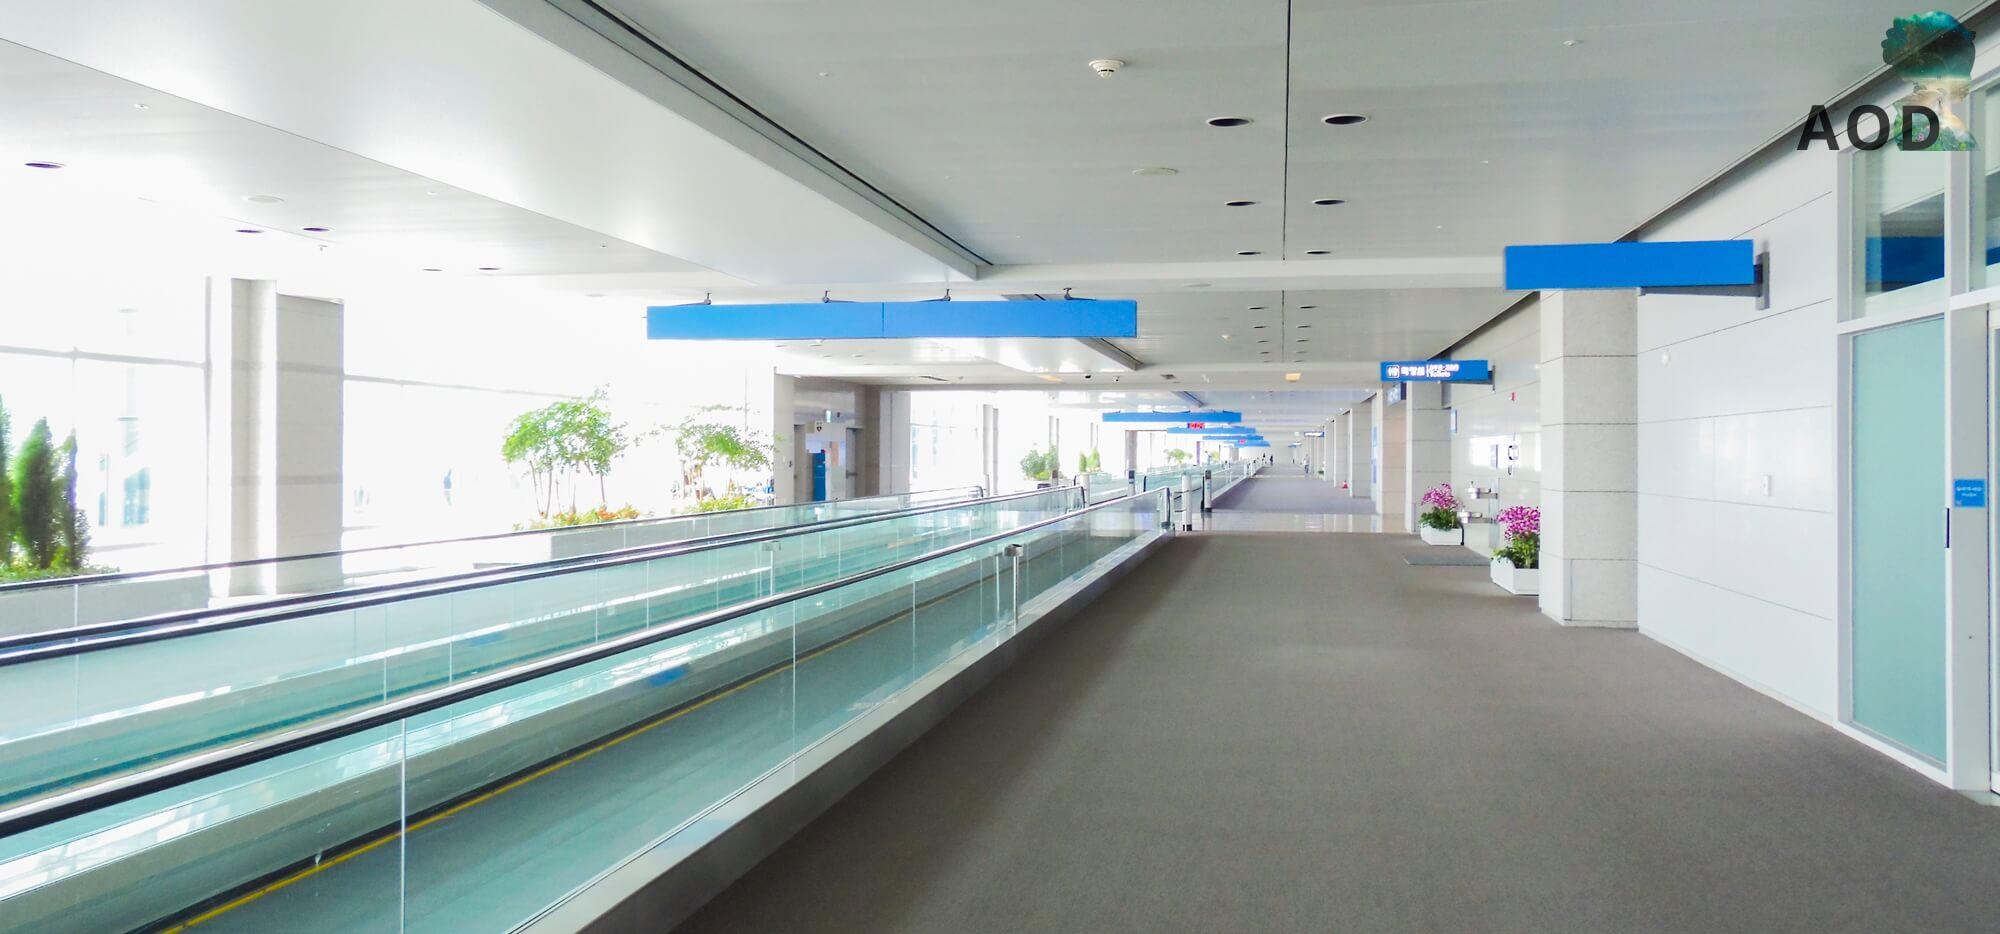 Incheon Terminal 2 - Menschenleer, da fühlt man sich schon etwas verloren